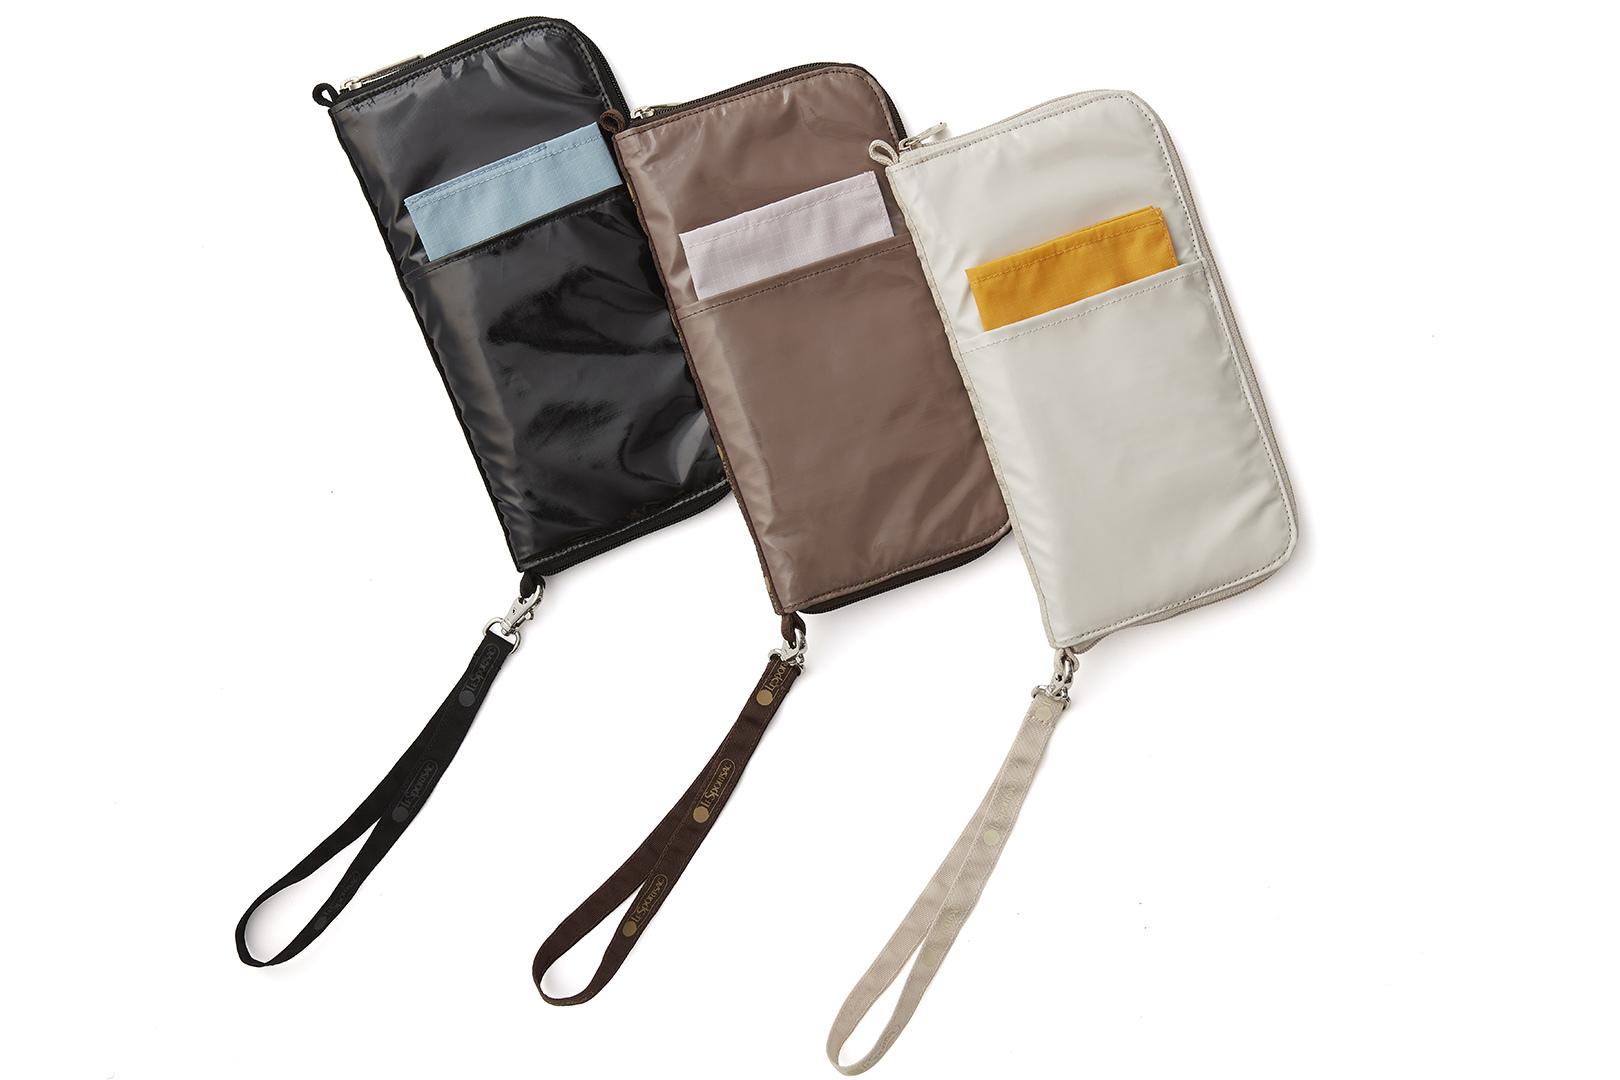 ひとりっぷ×LeSportsacコラボ 旅にも日常にも便利なバッグが登場_1_4-1